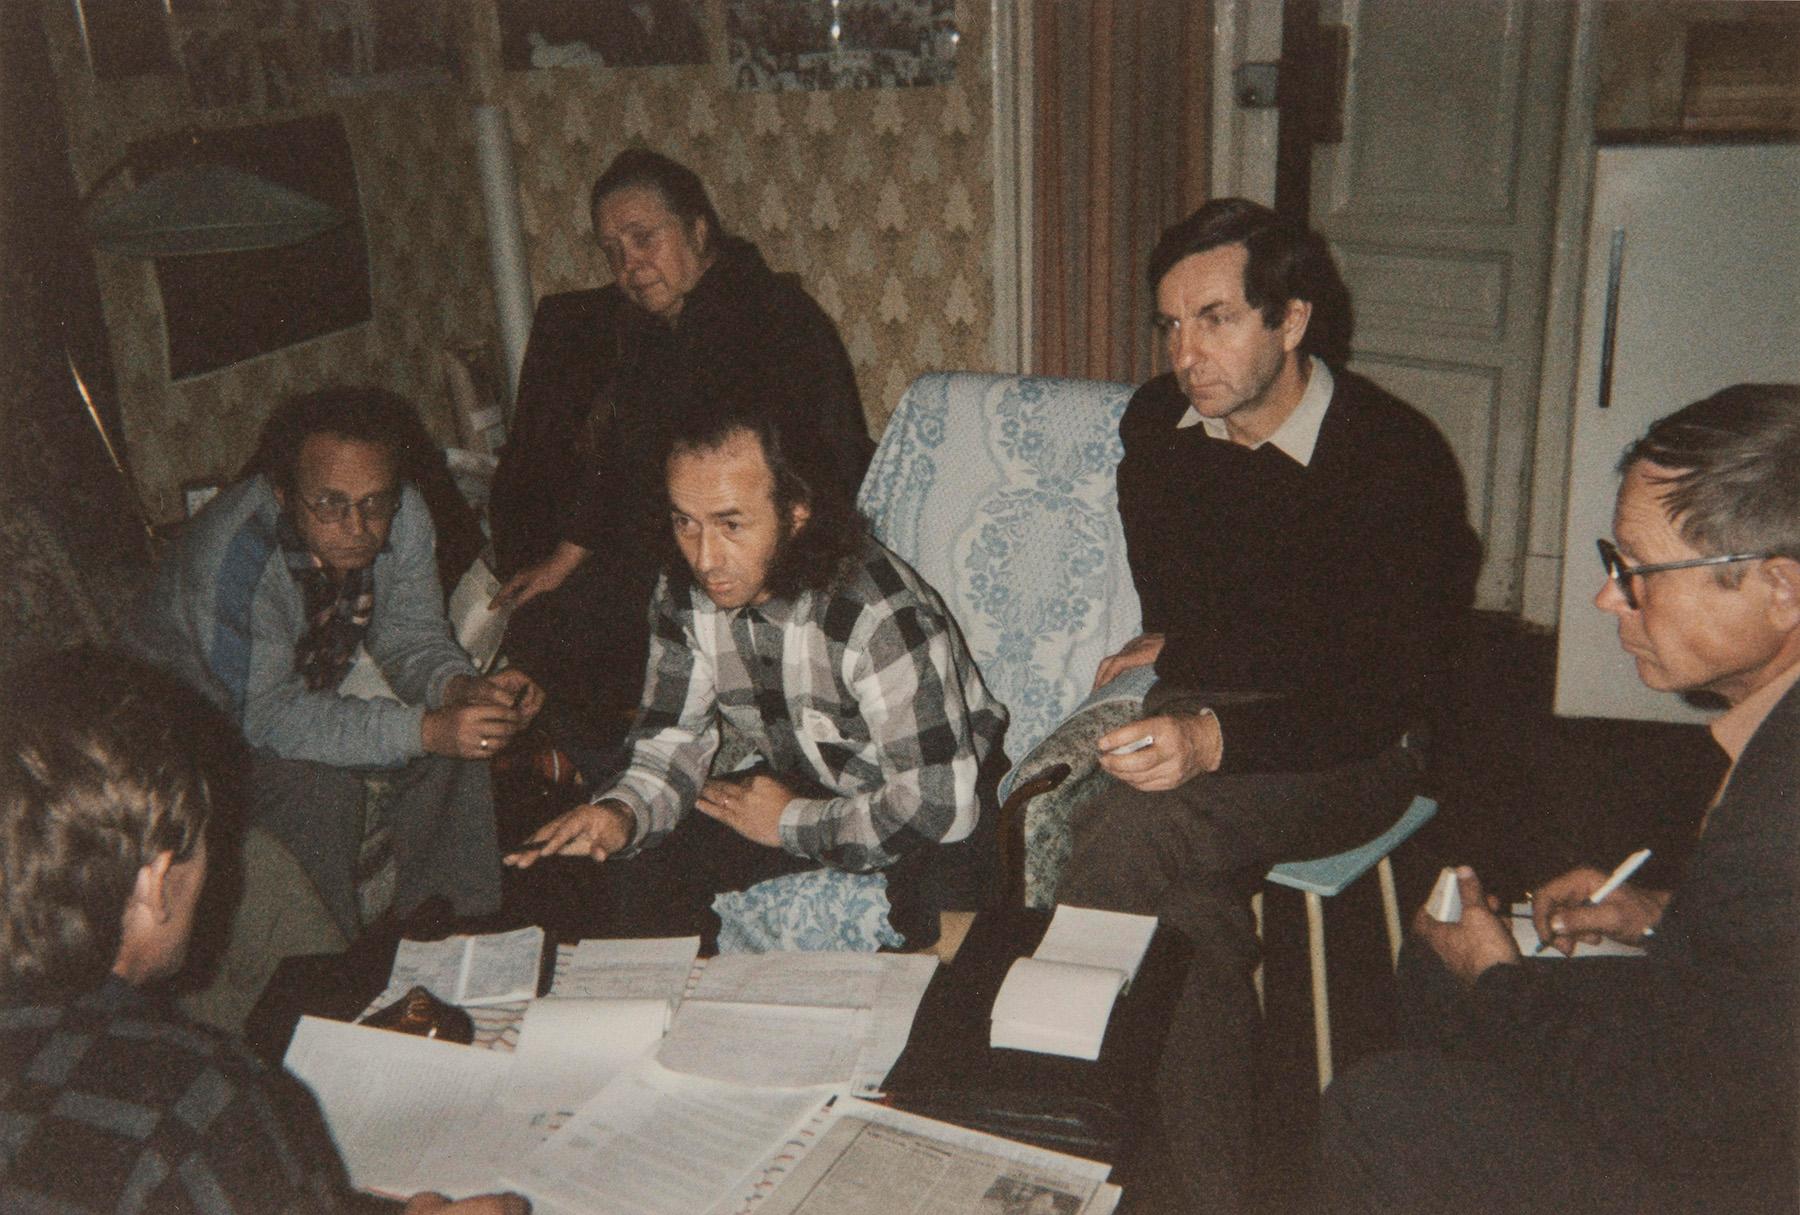 Yksi ensimmäisiä Inkerin liittojen yhteispalavereista Pietarissa 1980–1990-luvun taitteesta. SKS KIA, Albert Kirjasen arkisto. CC BY 4.0